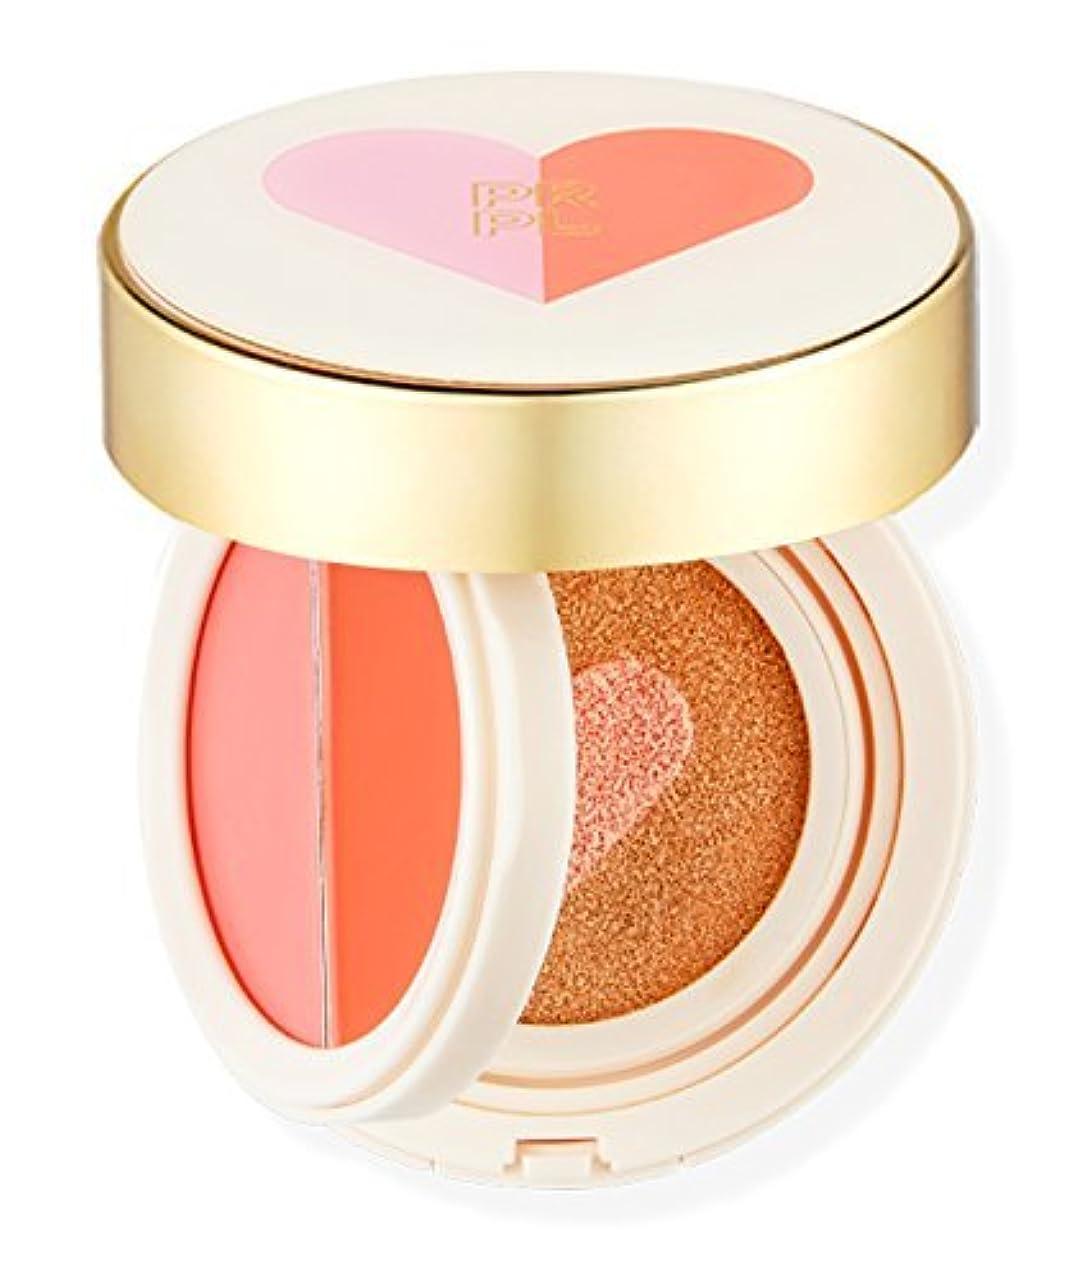 スカートご飯しなければならないPRPL 唇と頬の二重クッション (LIP&CHEEK[ピンク/オレンジ],ハートCUSHION SPF50+、PA+++) (#21 ピンク バニラ属)